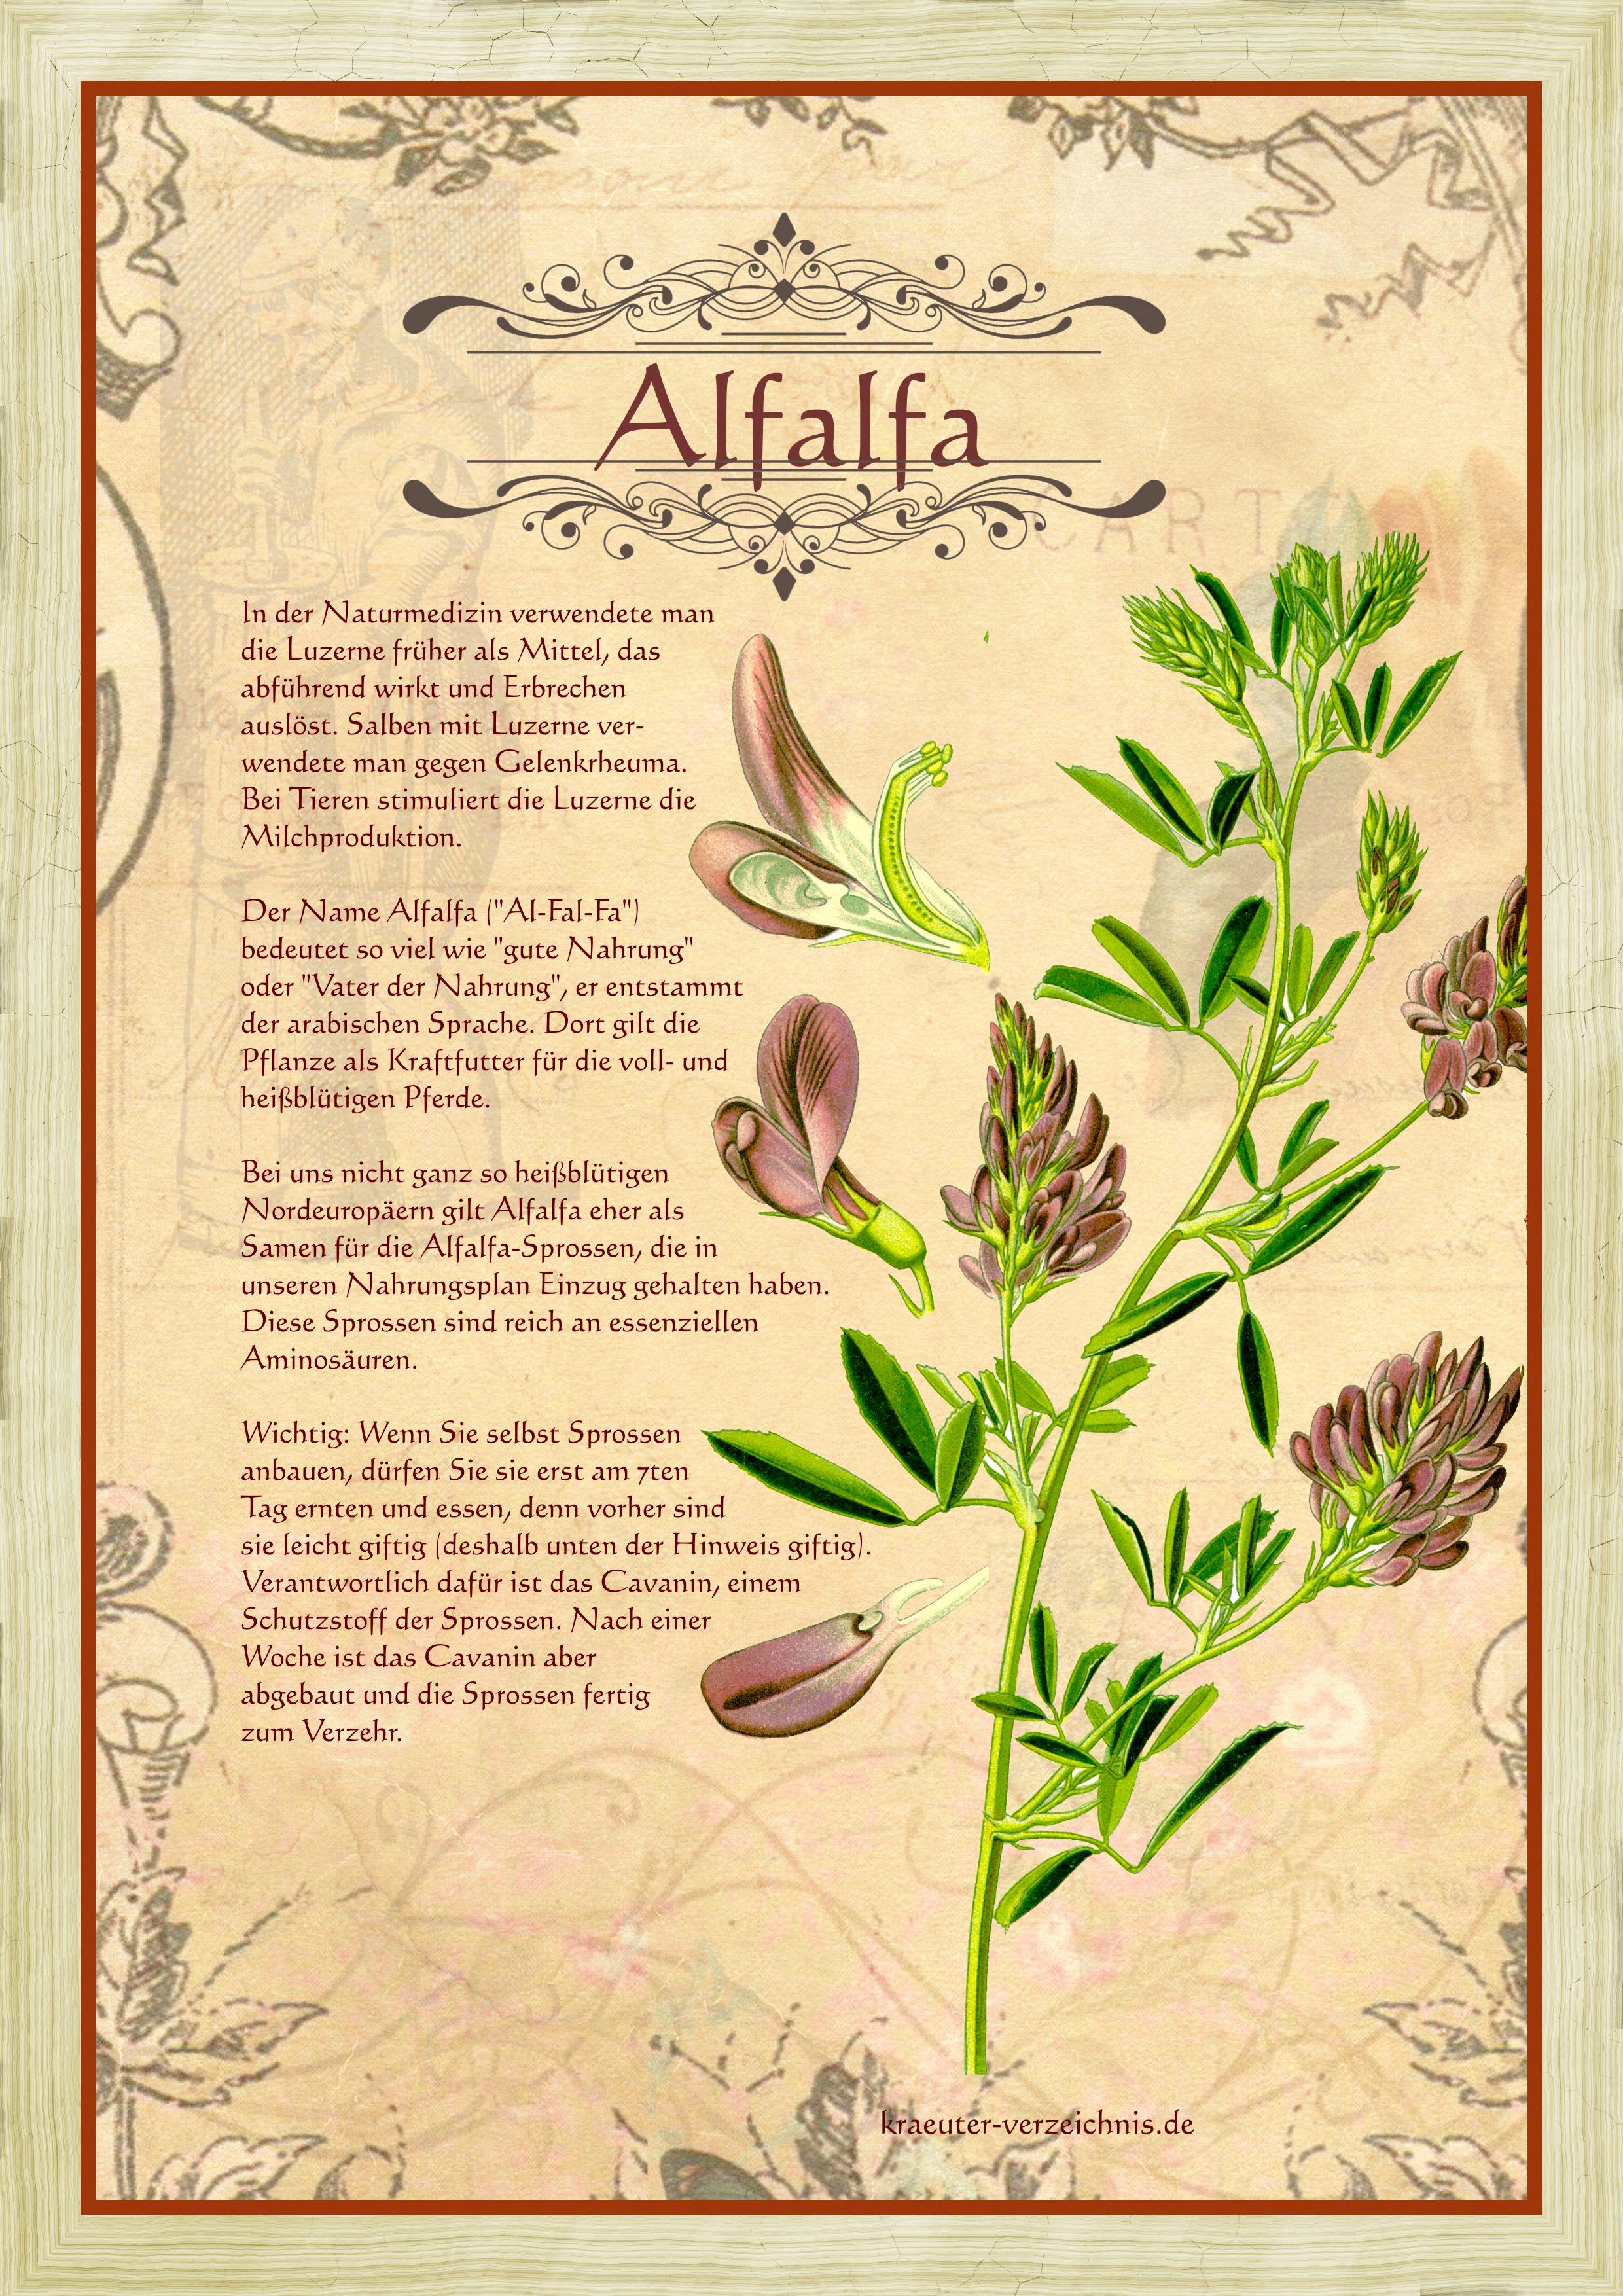 Fabelhaft Luzerne - Alfalfa @YF_94